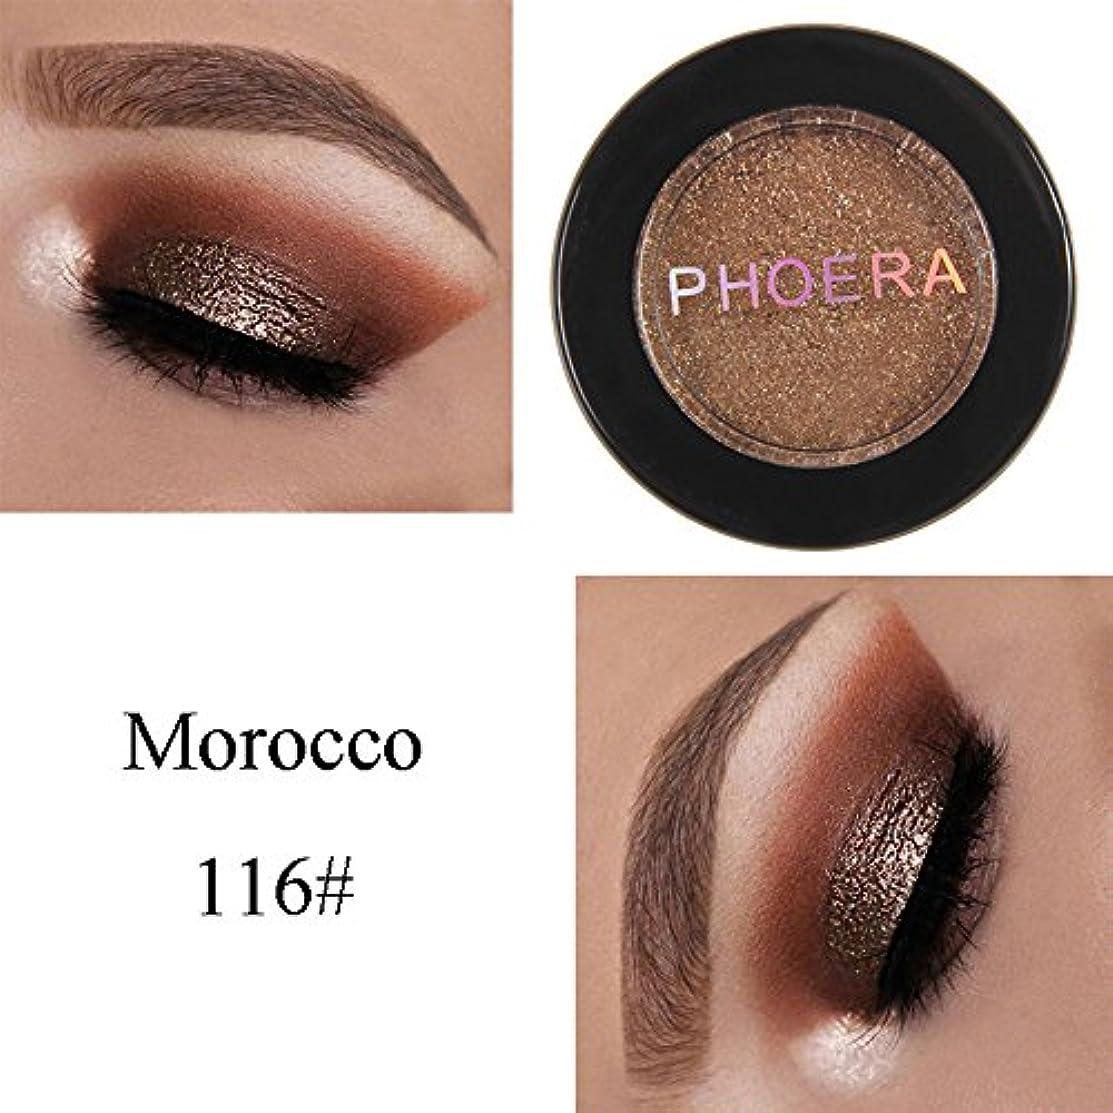 戦うサンドイッチエミュレートするAkane アイシャドウパレット PHOERA ファッション 高級 美しい ひとつだけ 単なる 魅力的 キラキラ メタリック 綺麗 素敵 持ち便利 日常 Eye Shadow (24色)